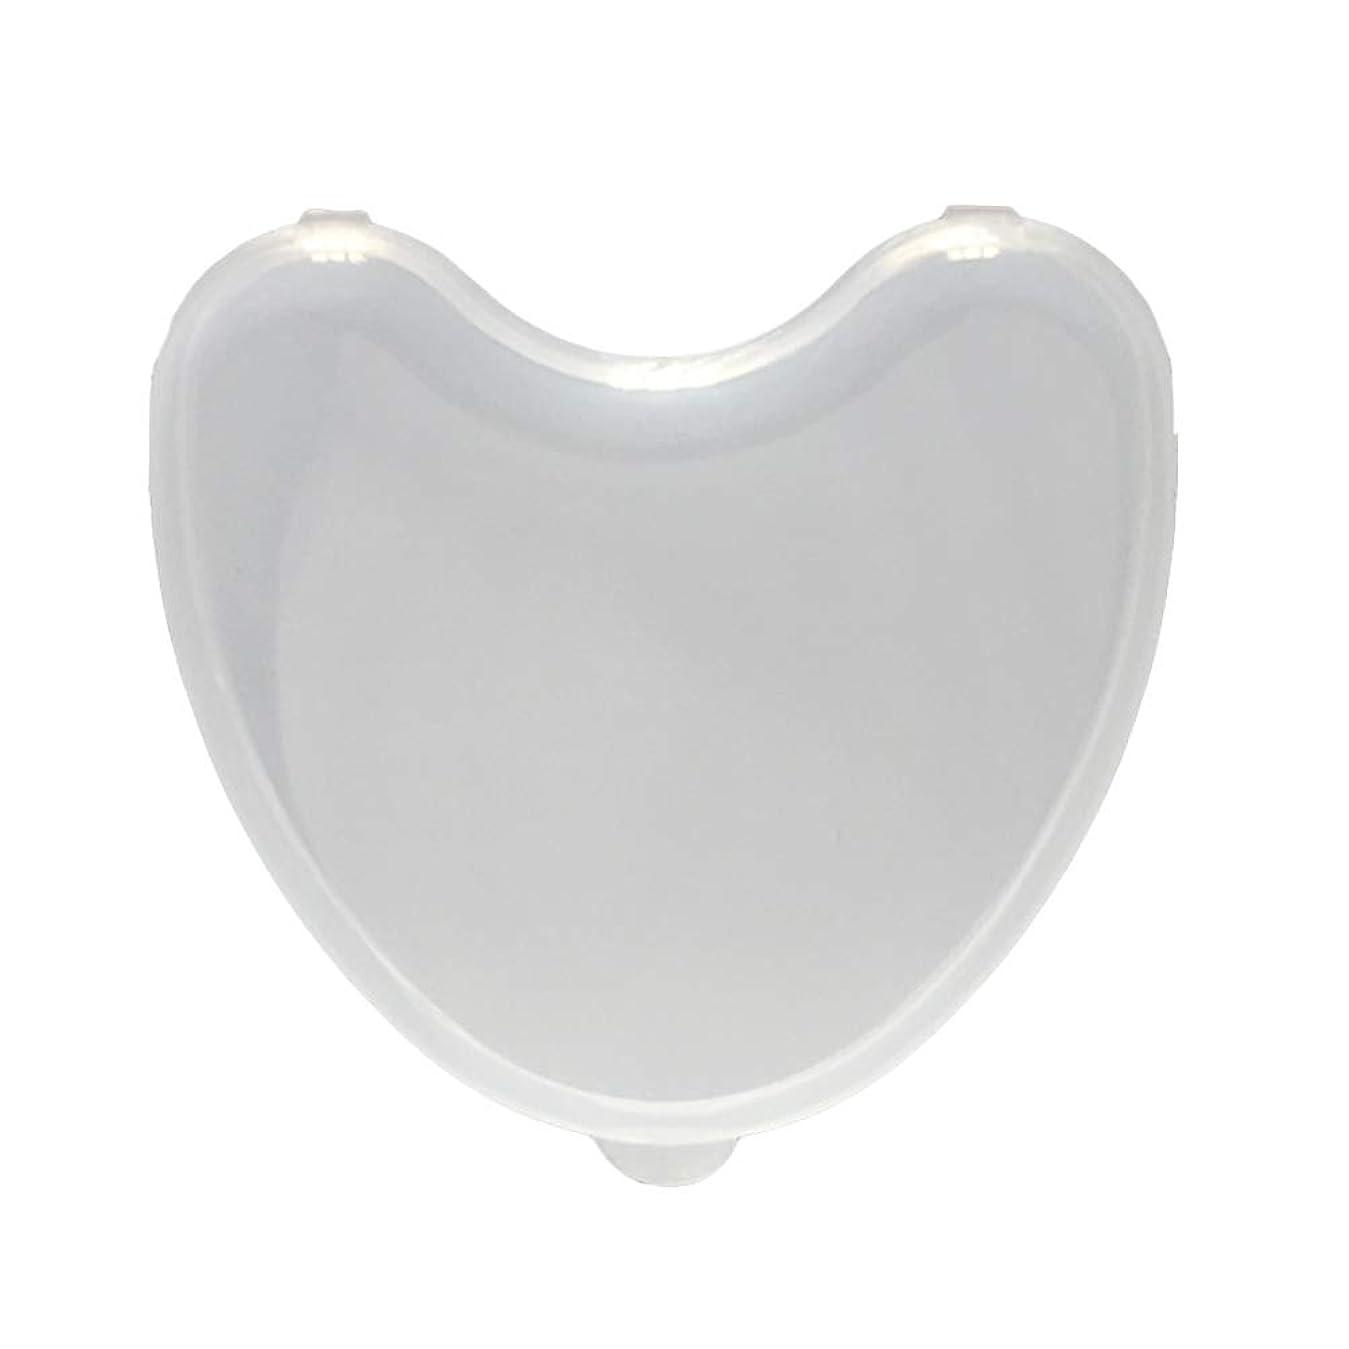 摂氏六分儀紫のSUPVOX 義歯ケースリテーナーケースプラスチック偽歯バスボックスリテーナーデンタルマウスガード収納容器ホルダー